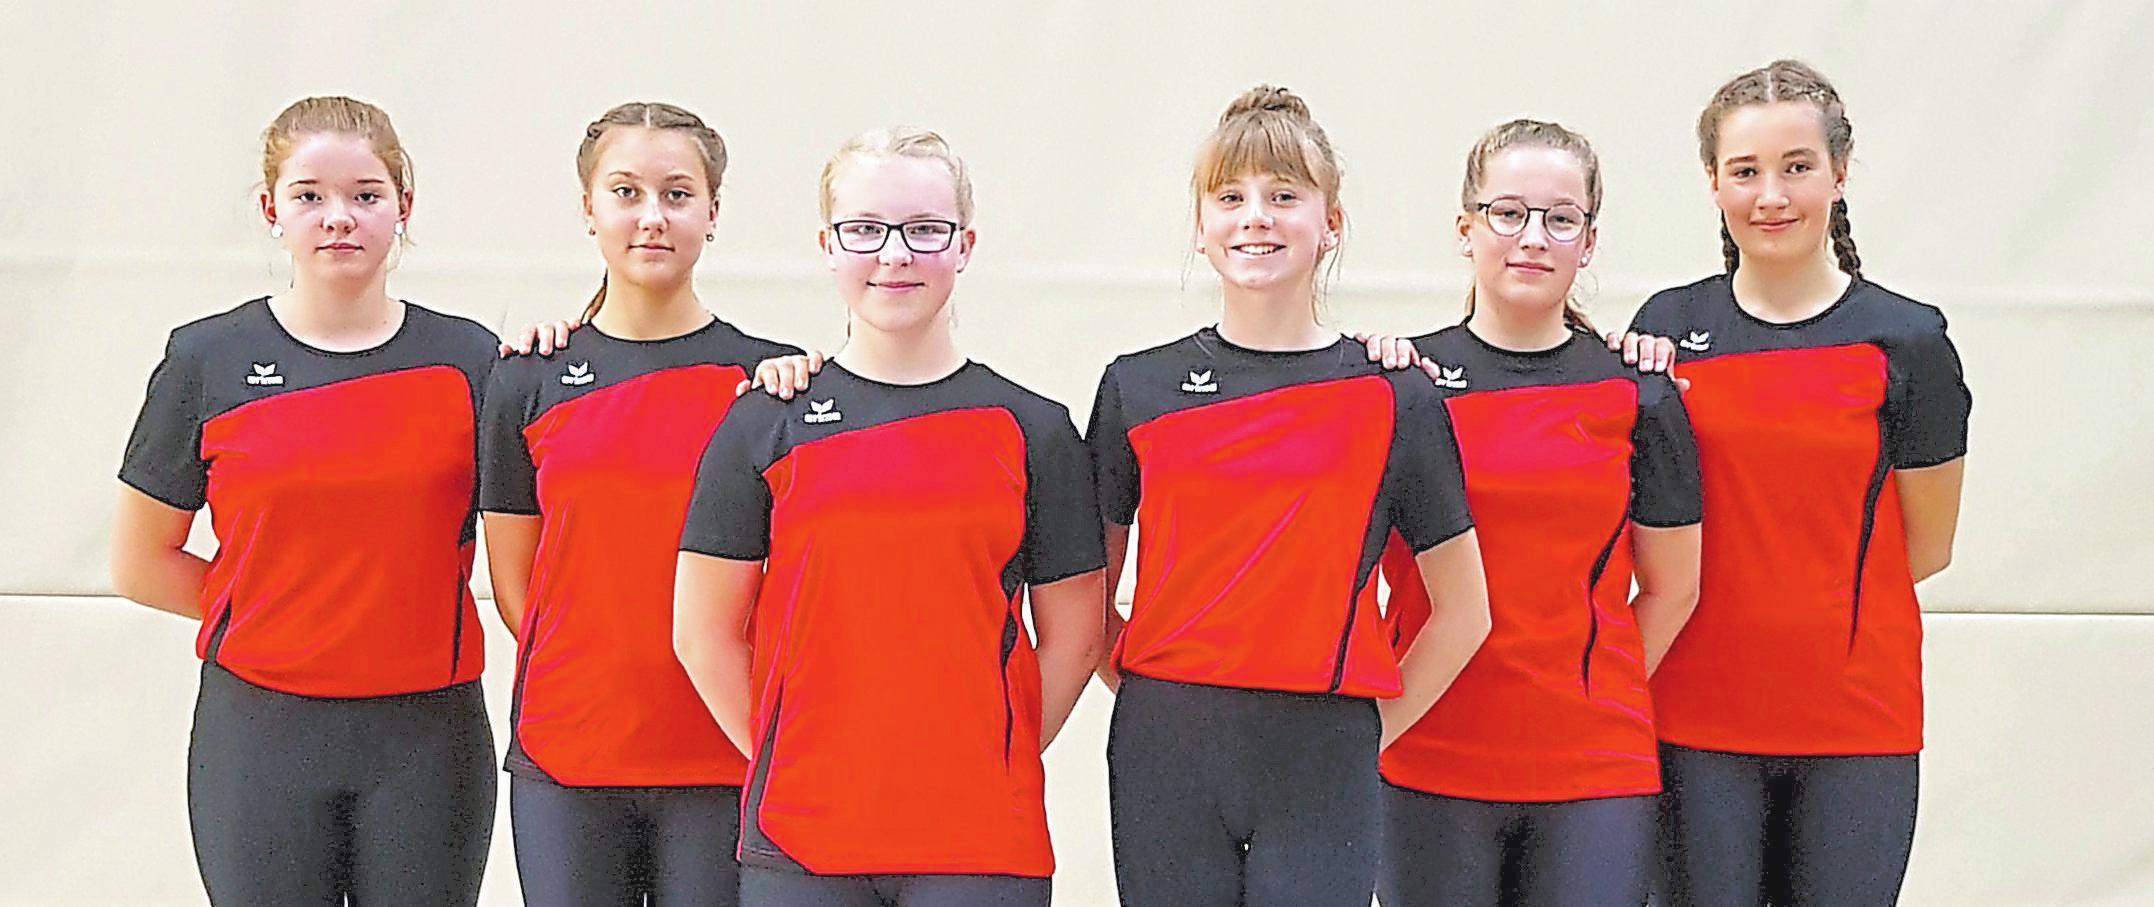 Sechser-Einrad Schülerinnen, 1. Mannschaft: Sina Lindemann, Juli Reiffenschneider, Finia Mutert, Birte Aufderhaar, Fenja Adomeit, Kim Beulting; 2. Platz Deutsche Meisterschaft, 2. Platz NRW-Landesmeisterschaft